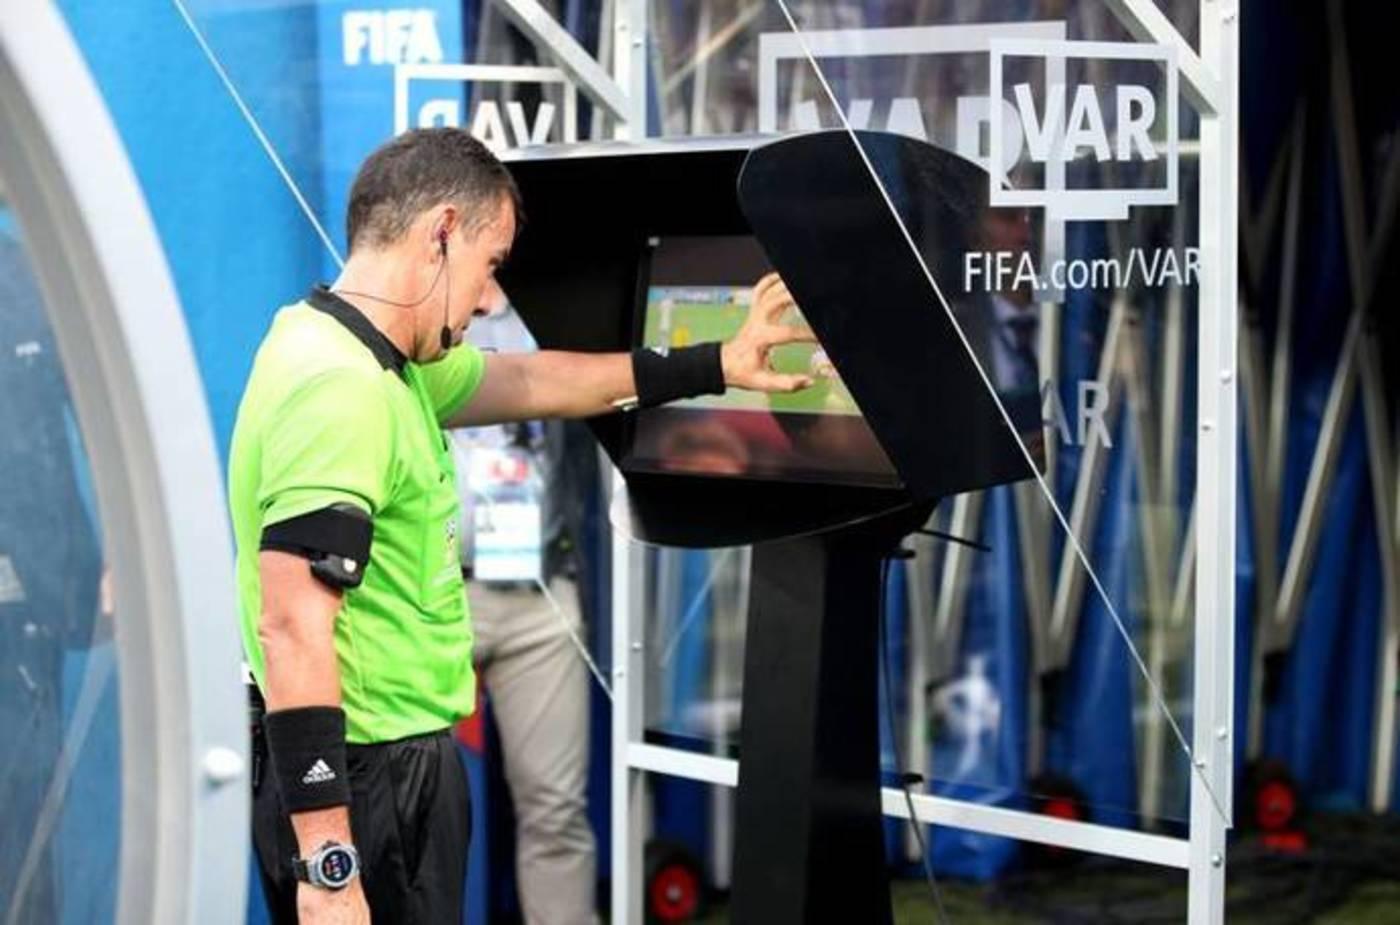 在2018年世界杯上,裁判乔尔·阿奎拉(Joel Aguilar)在观看VAR录像,而后判给瑞典一个点球